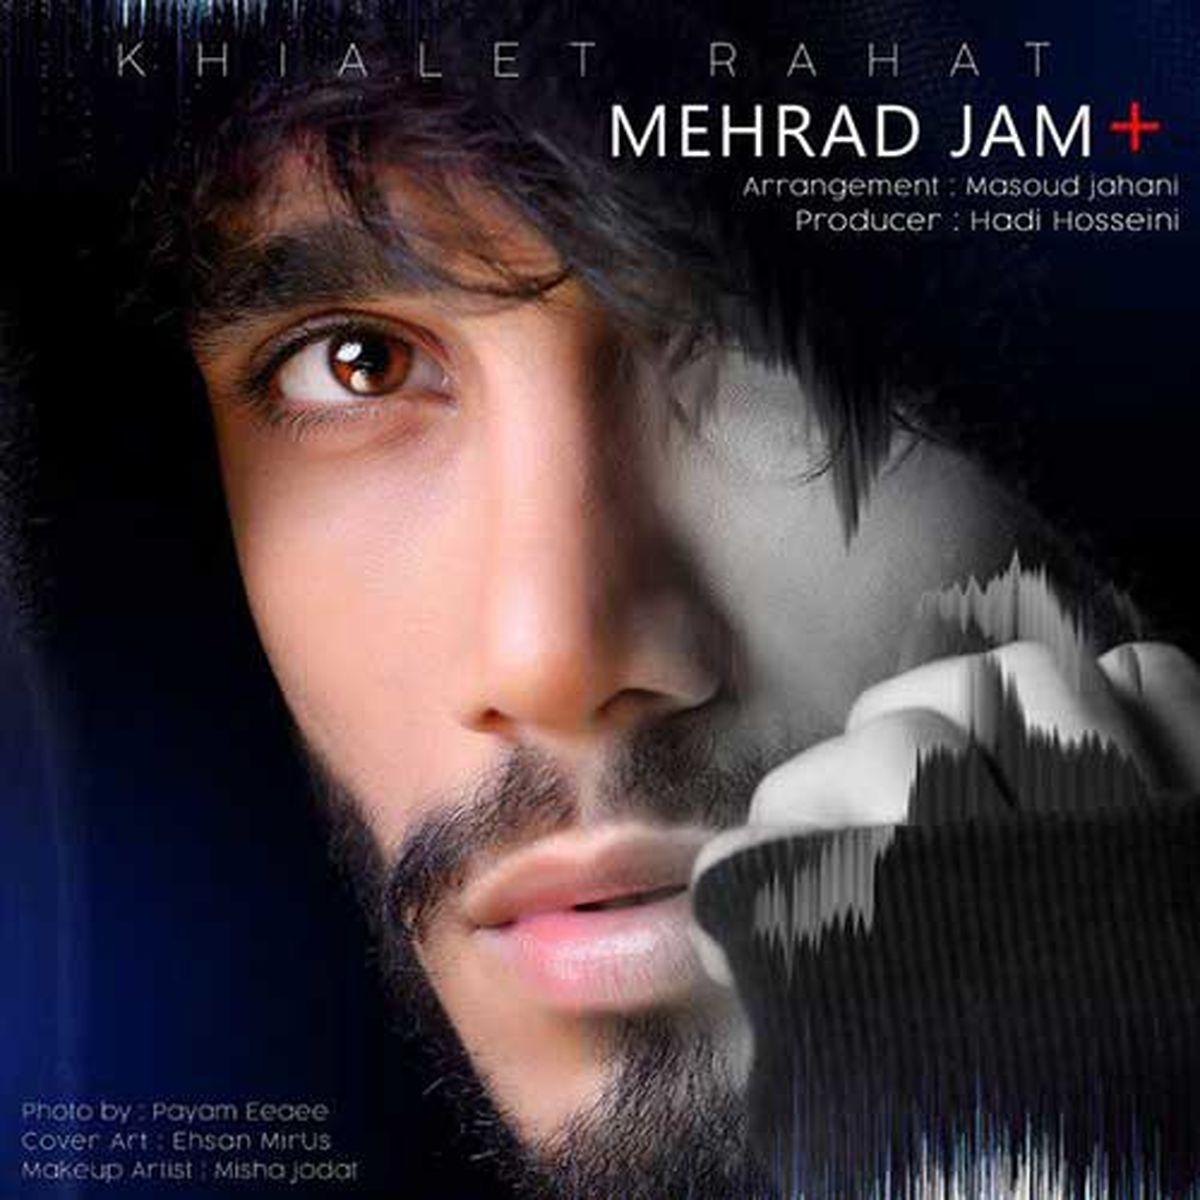 مهراد جم خواننده معروف تغییر چهره داد + عکس جدید